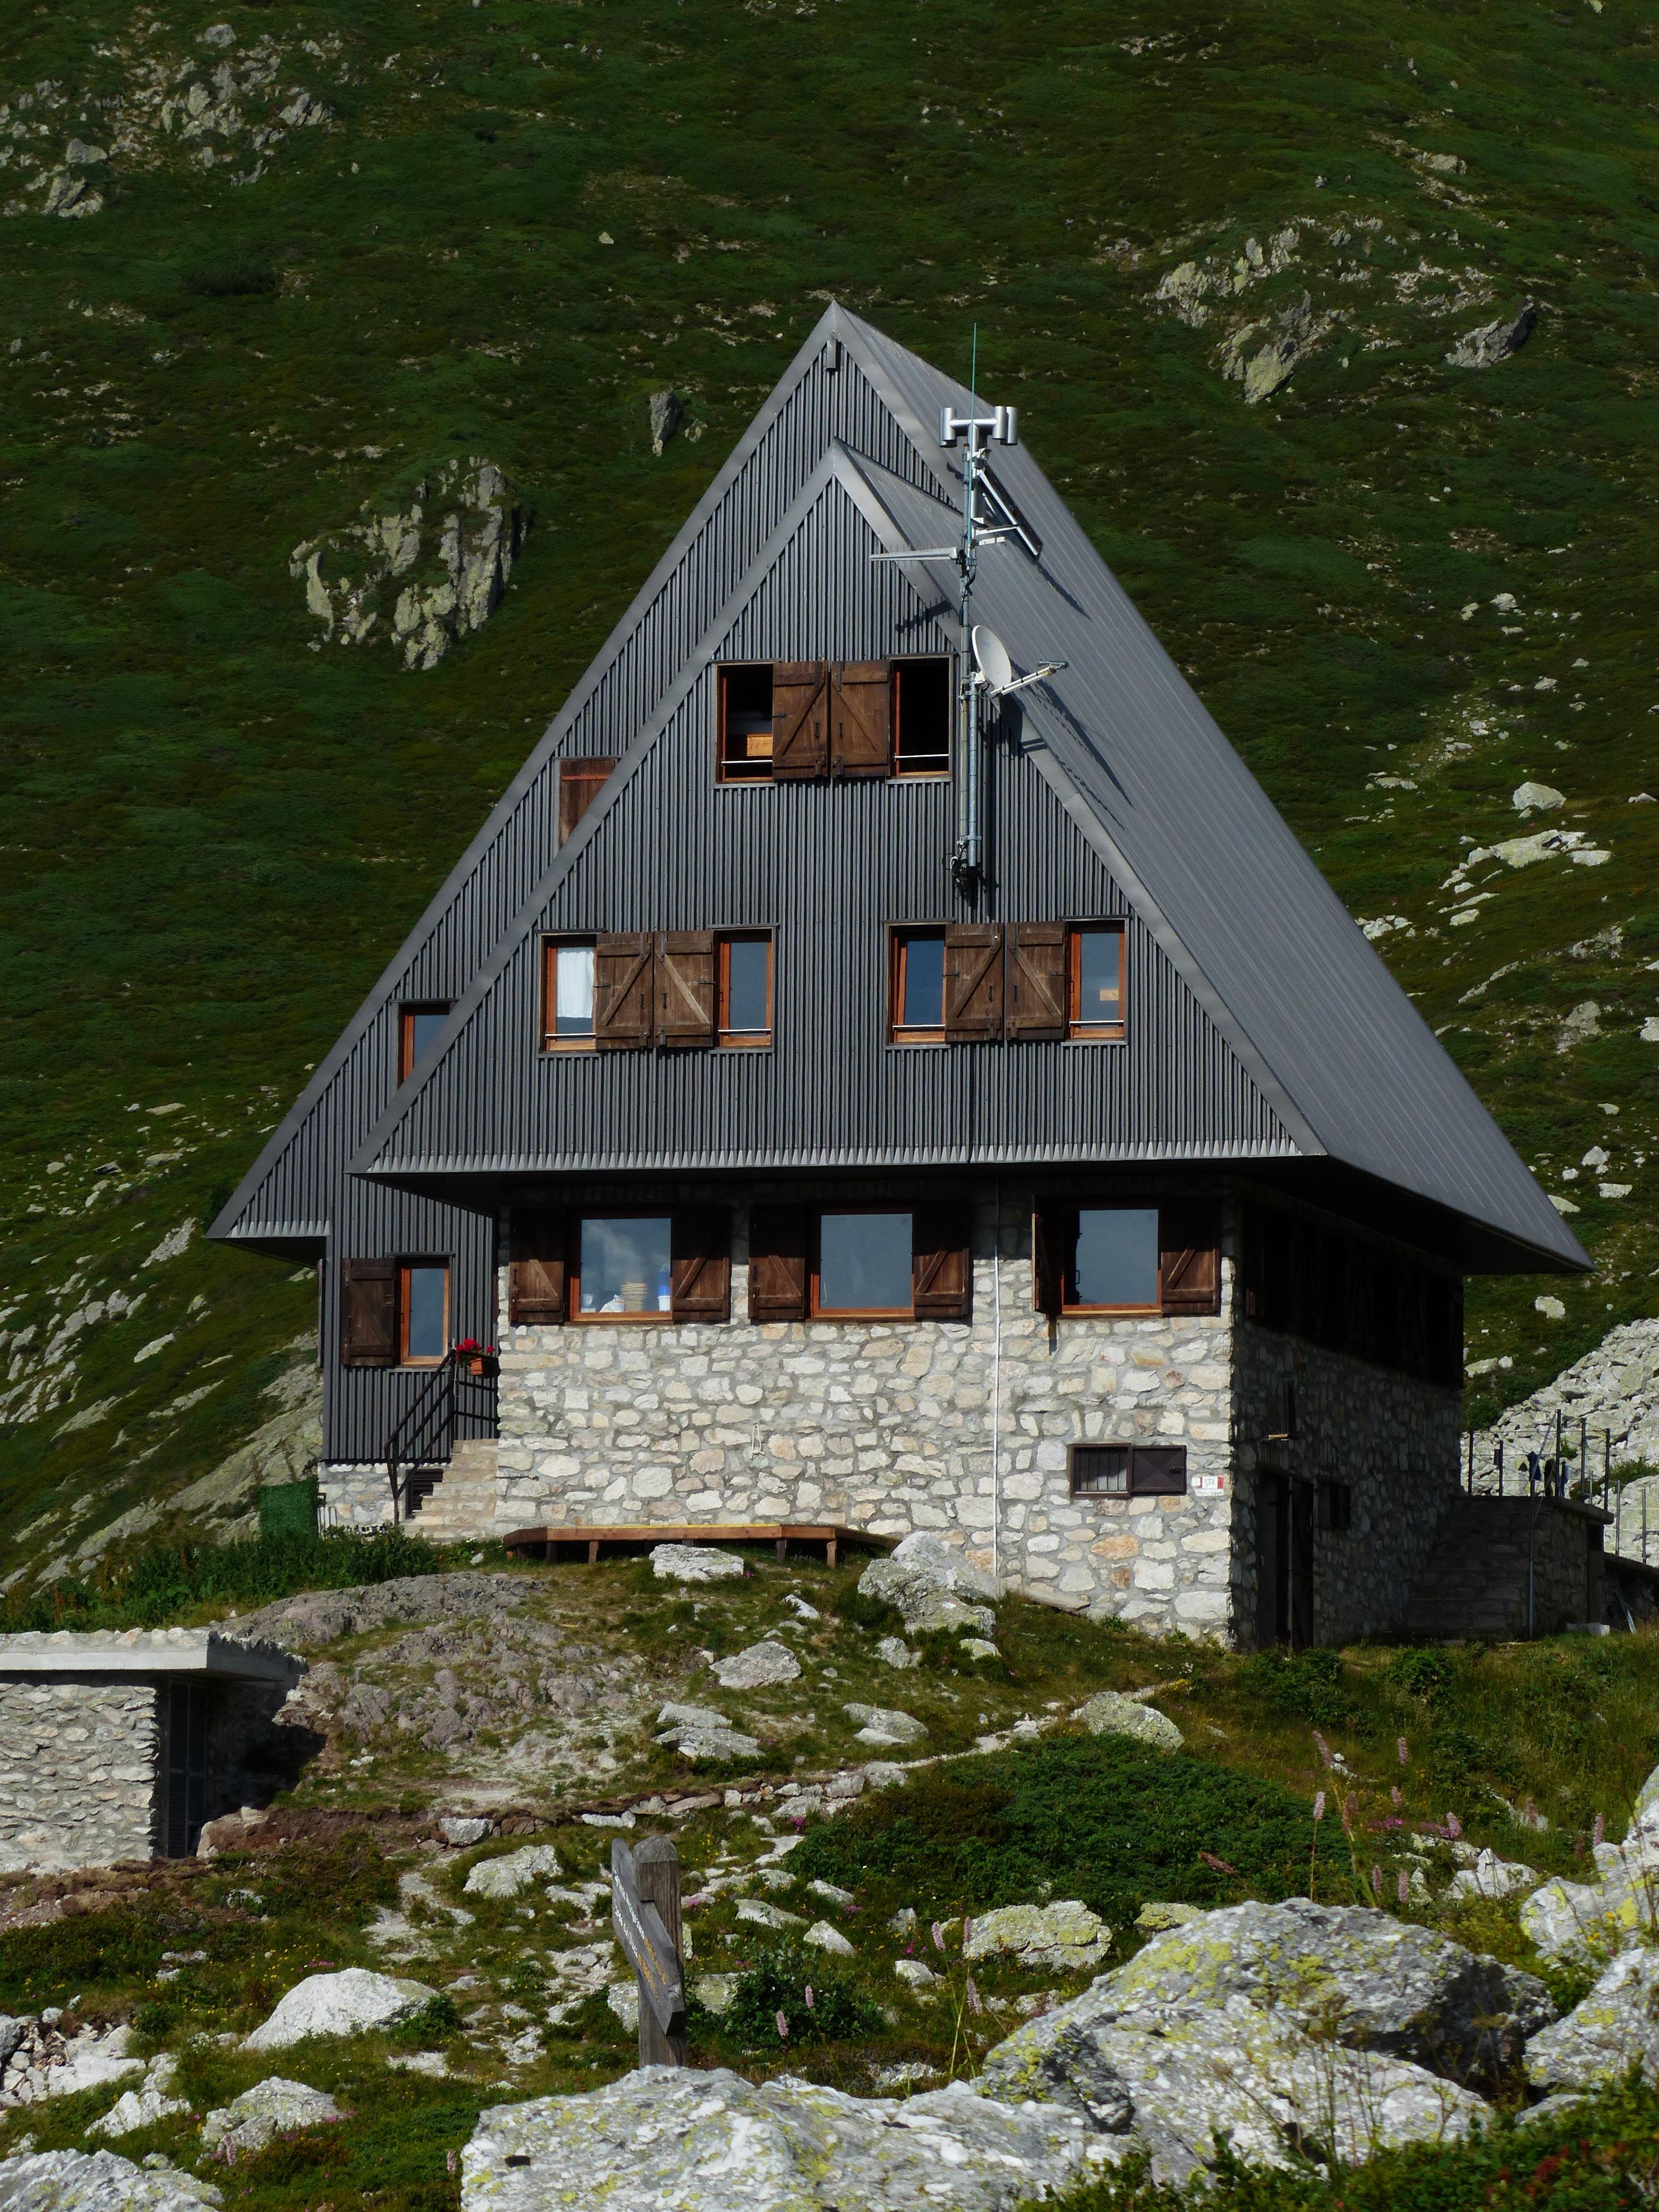 images gratuites b timent grange une randonn e chalet italie alpin chapelle montagnes. Black Bedroom Furniture Sets. Home Design Ideas